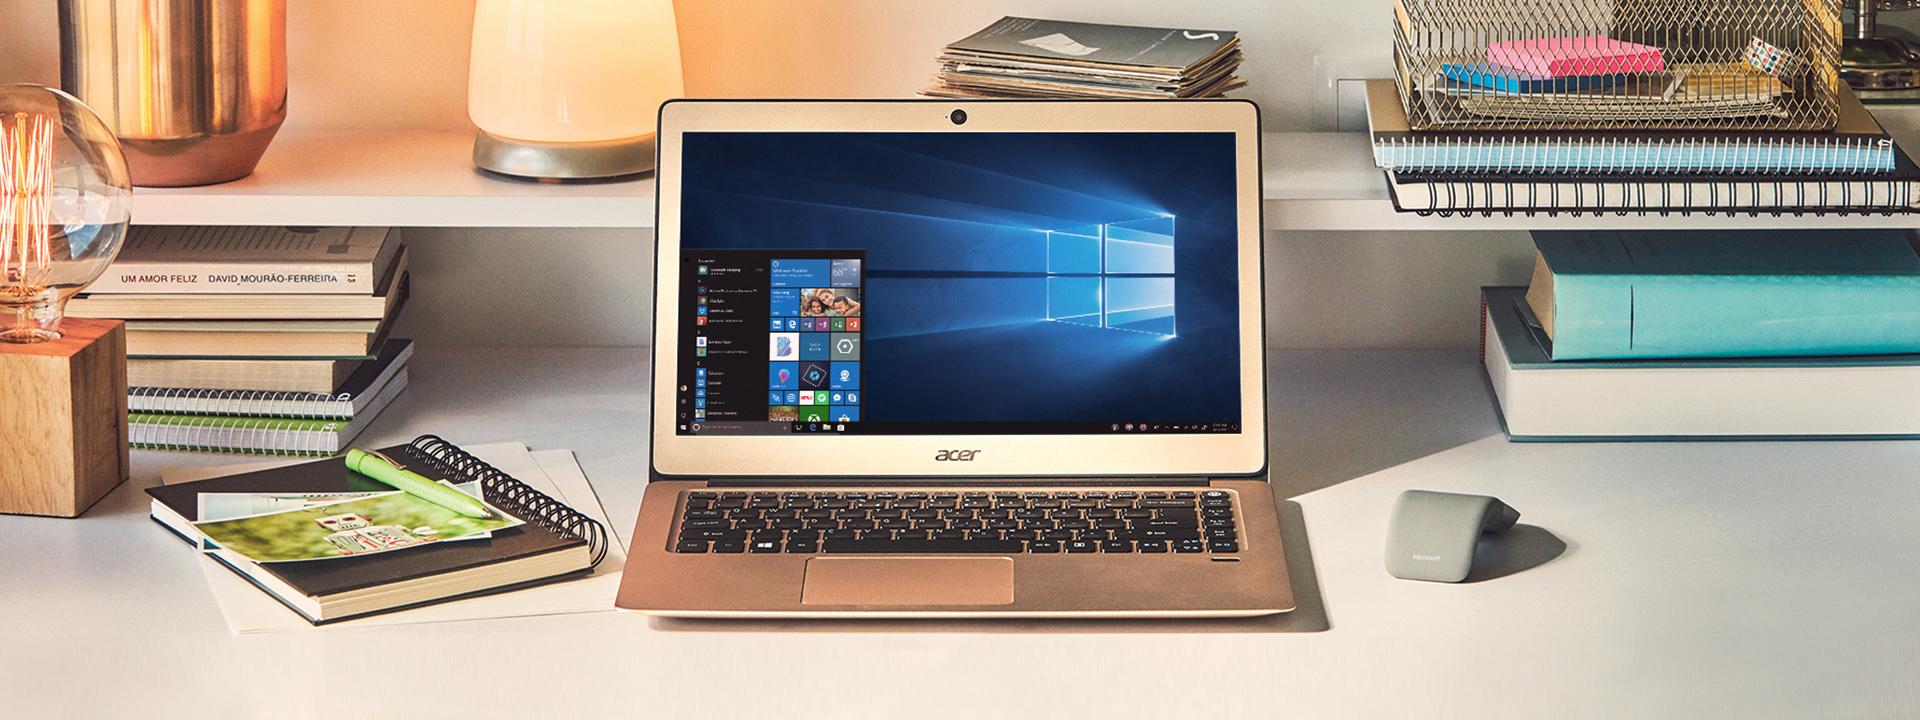 Bärbar Acer-dator och mus på ett skrivbord, omgivna av böcker och anteckningblock